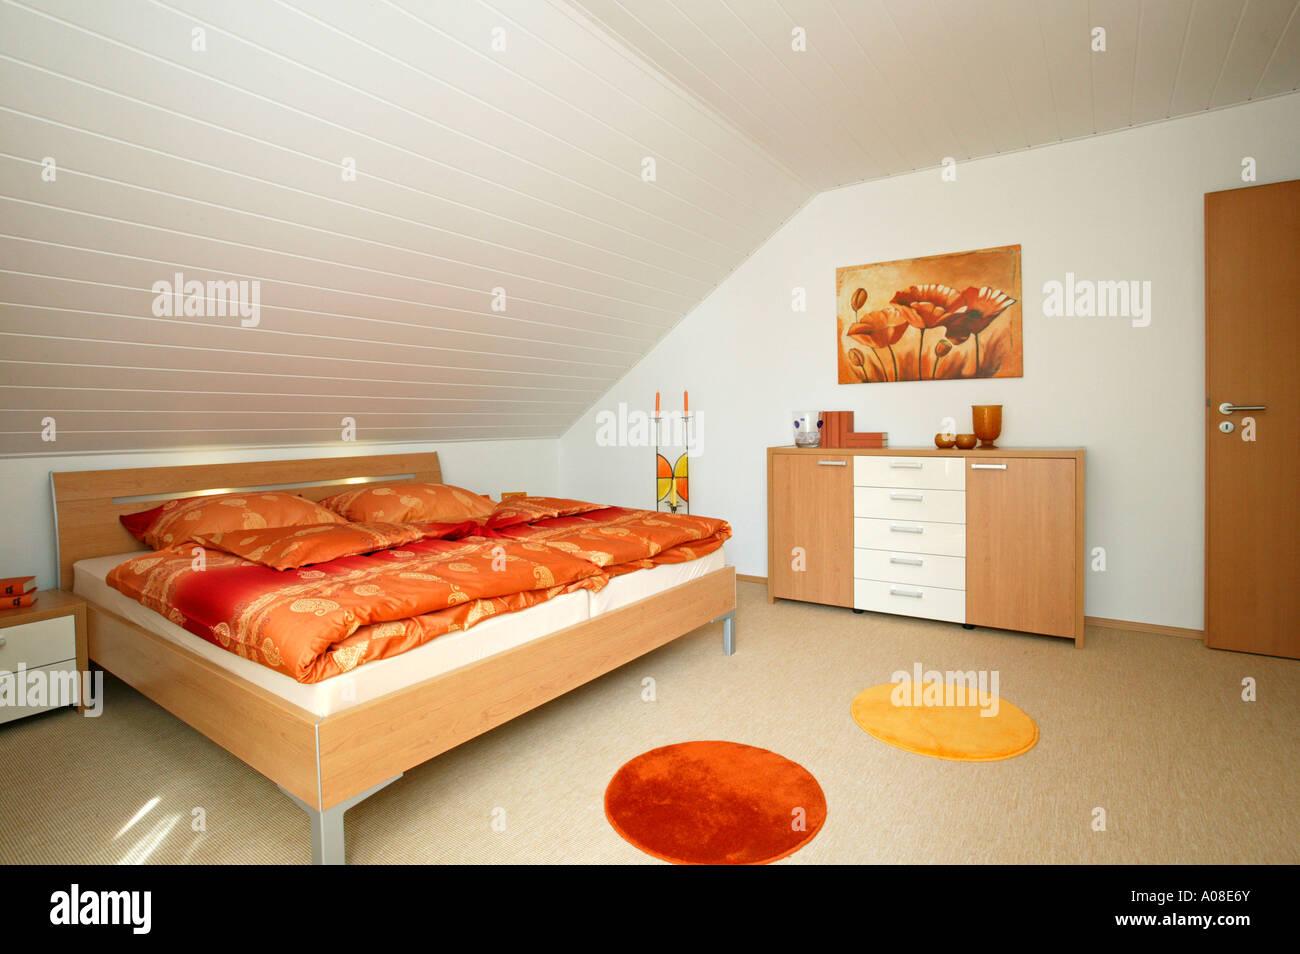 Einfamilienhaus innen Schlafzimmer, single family house inside Stock ...